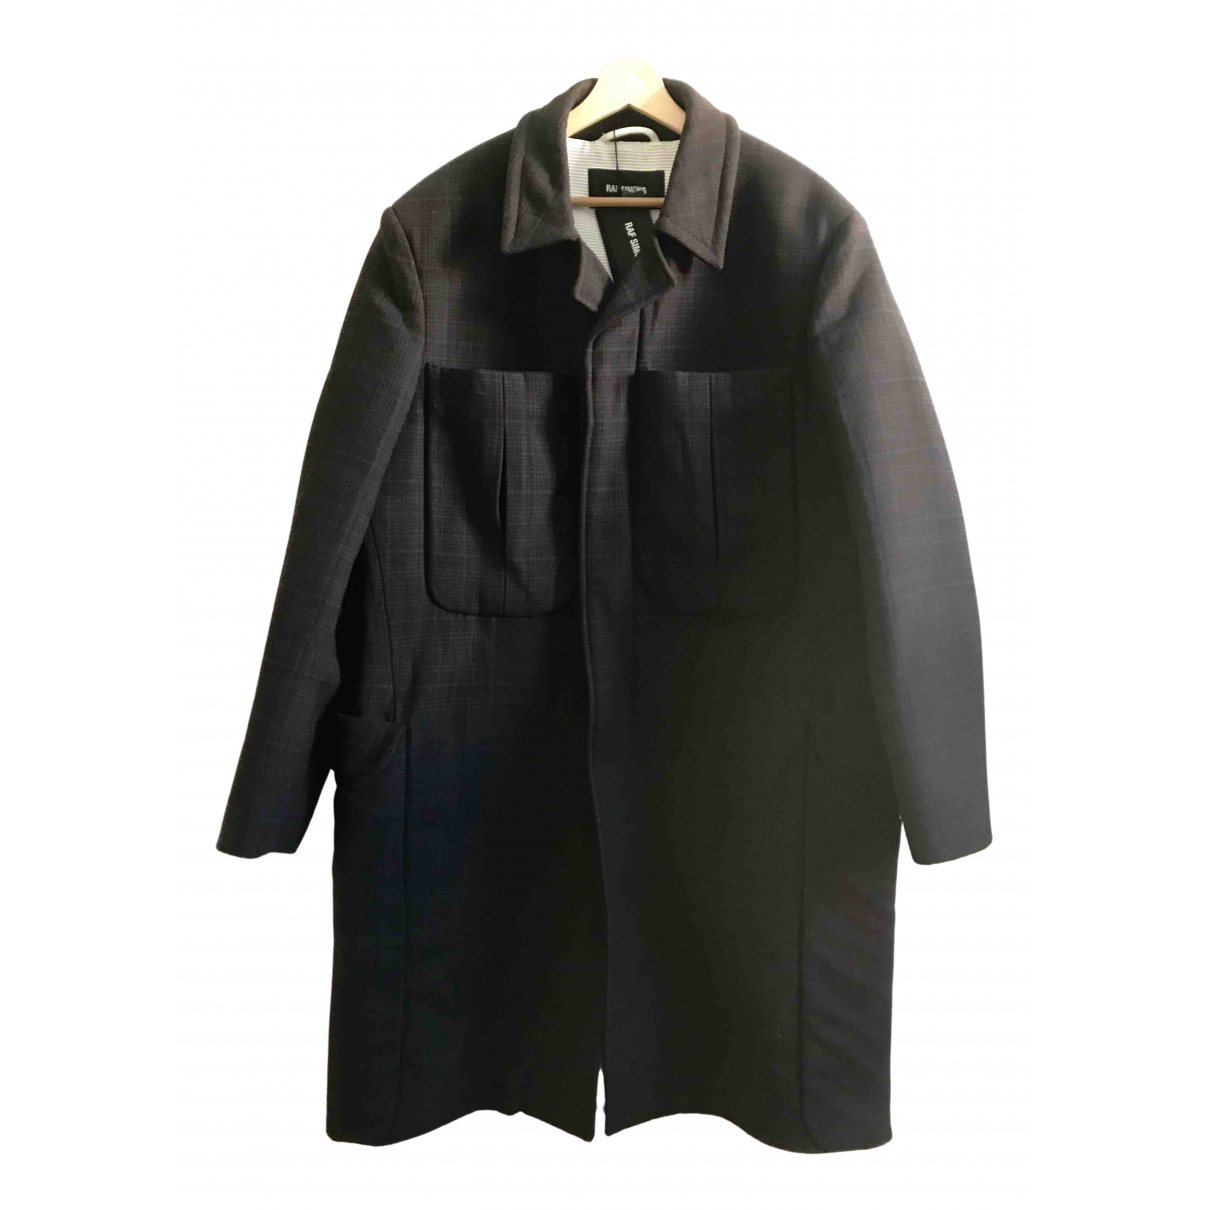 Raf Simons - Manteau   pour homme en laine - marron